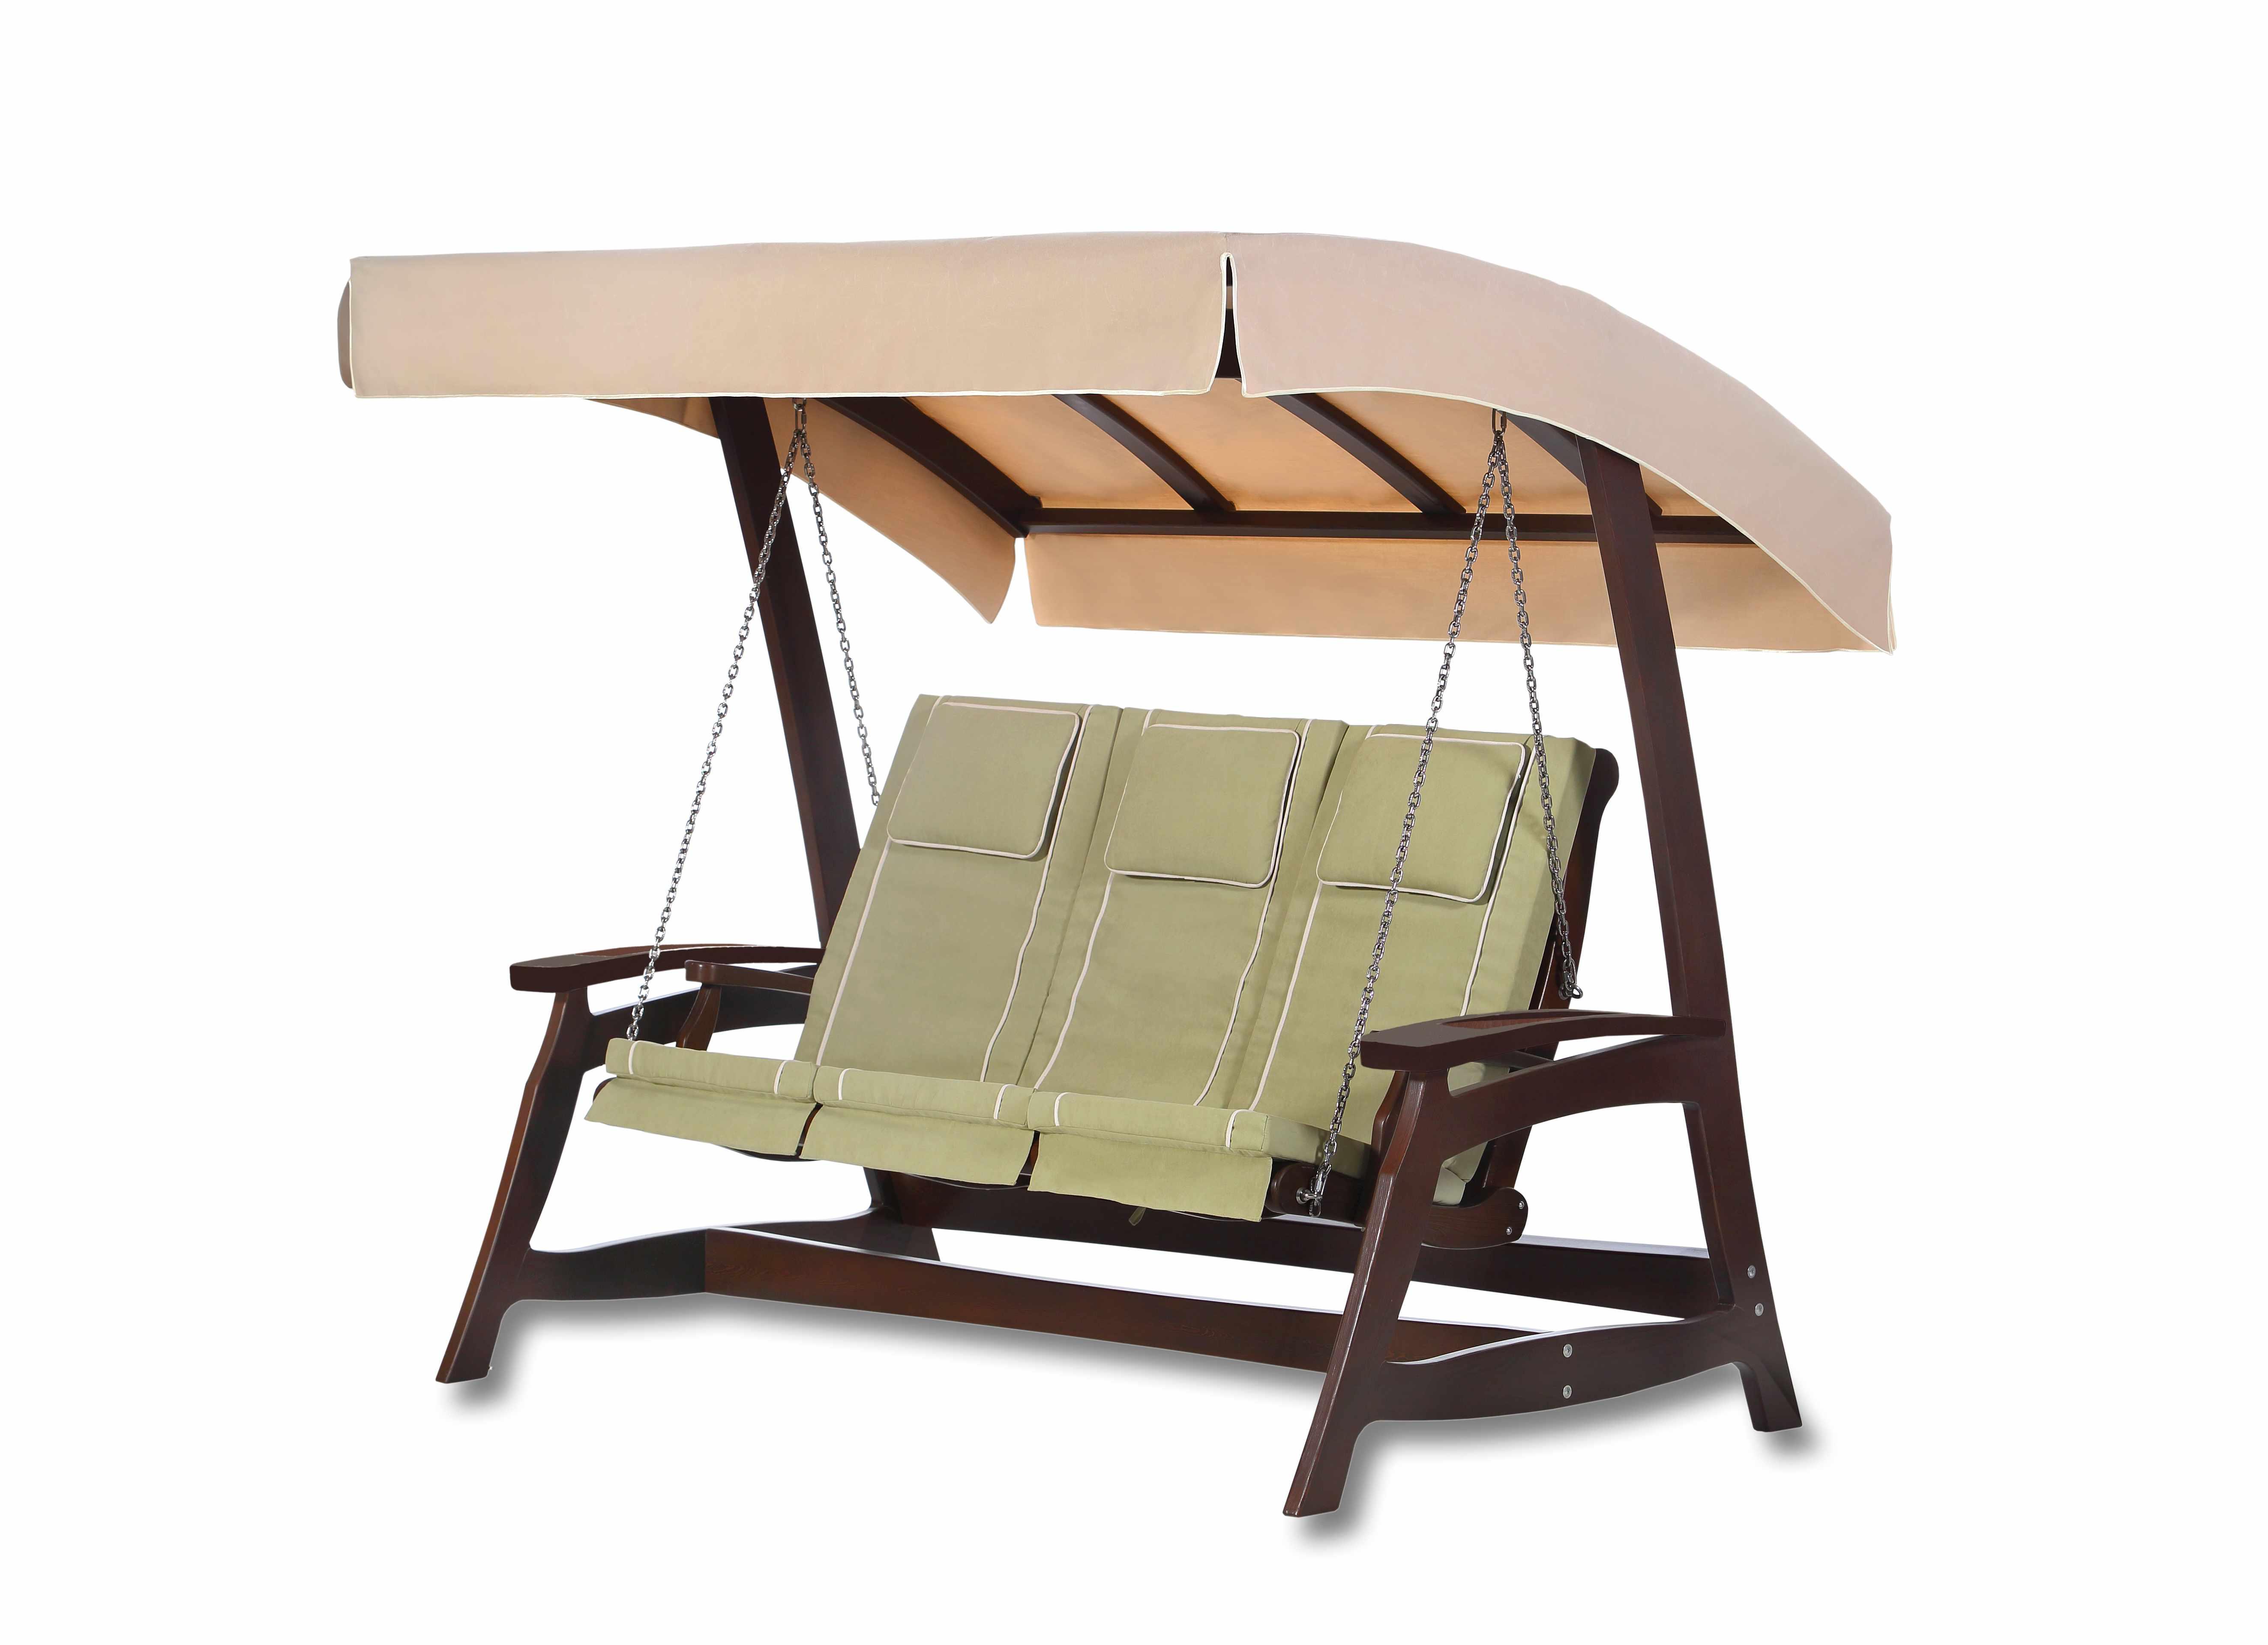 Качели Аристократ (ель)Качели<br>Каркас из натуральной древесины, подвесная скамья.&amp;amp;nbsp;&amp;lt;div&amp;gt;Навес из маркизной водоотталкивающей ткани.&amp;amp;nbsp;&amp;lt;/div&amp;gt;&amp;lt;div&amp;gt;Матрац приобретается отдельно.&amp;lt;/div&amp;gt;<br><br>Material: Дерево<br>Ширина см: 224<br>Высота см: 200<br>Глубина см: 167